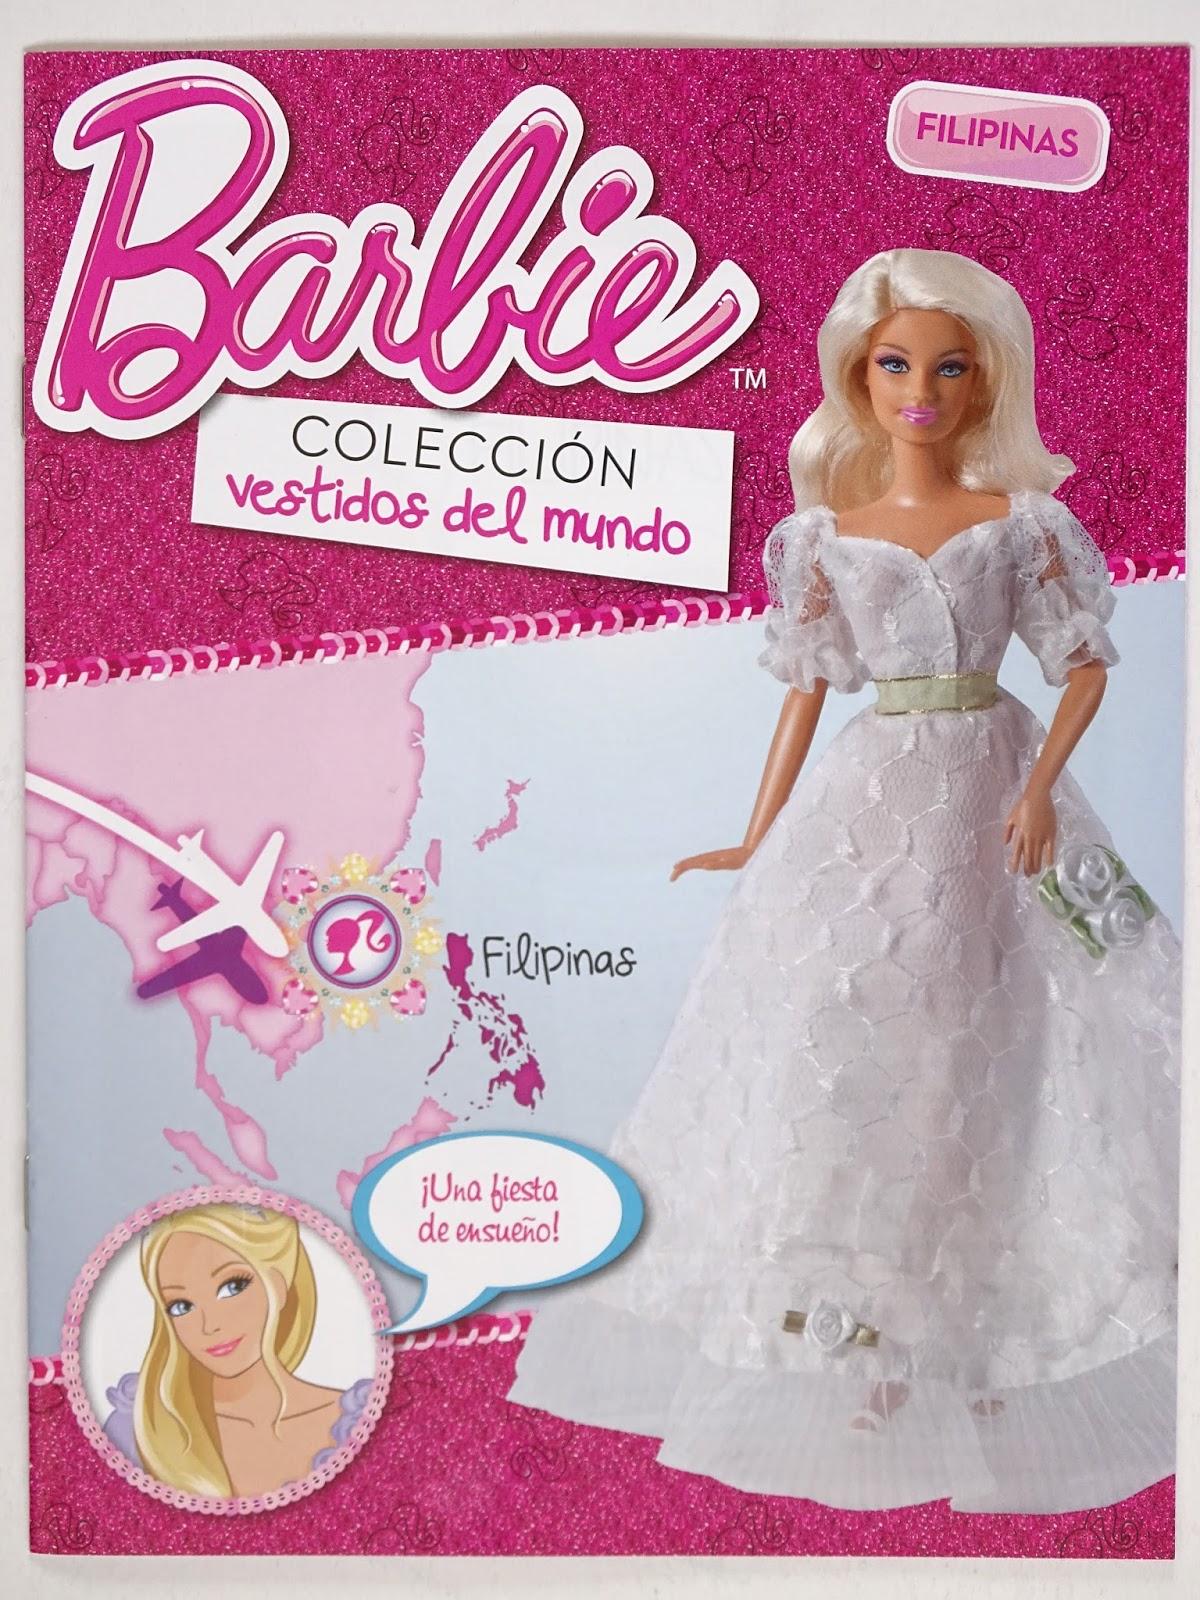 que bonito Yohanita!: Barbie, Colección Vestidos del Mundo: Filipinas